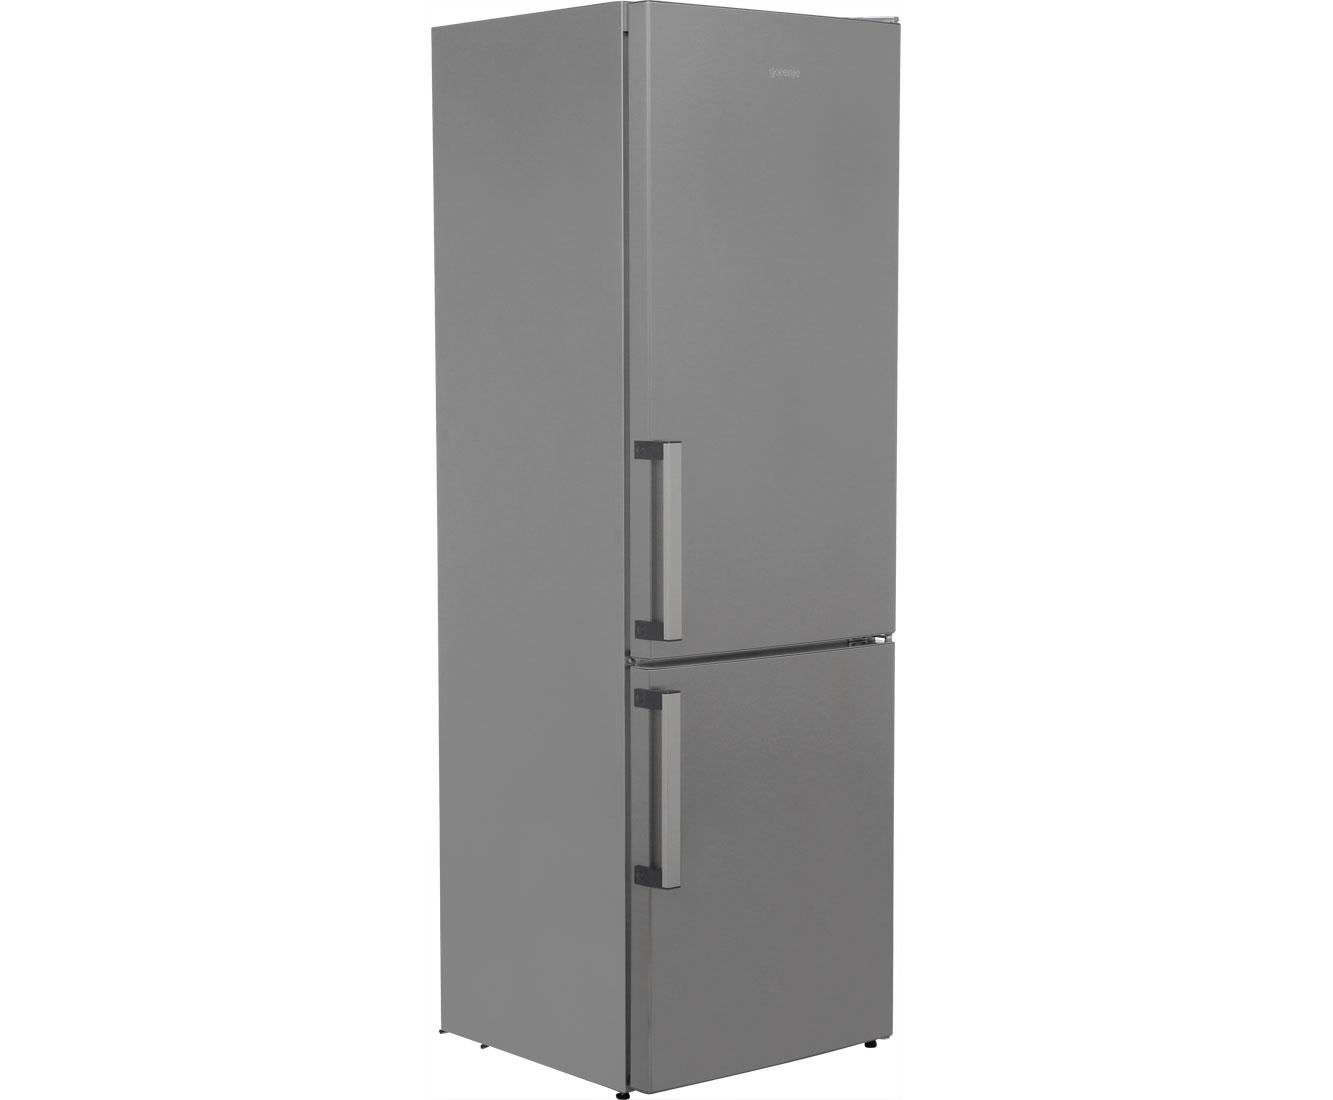 Gorenje Kühlschrank Idealo : Gorenje rk ex kühl gefrierkombination er breite edelstahl